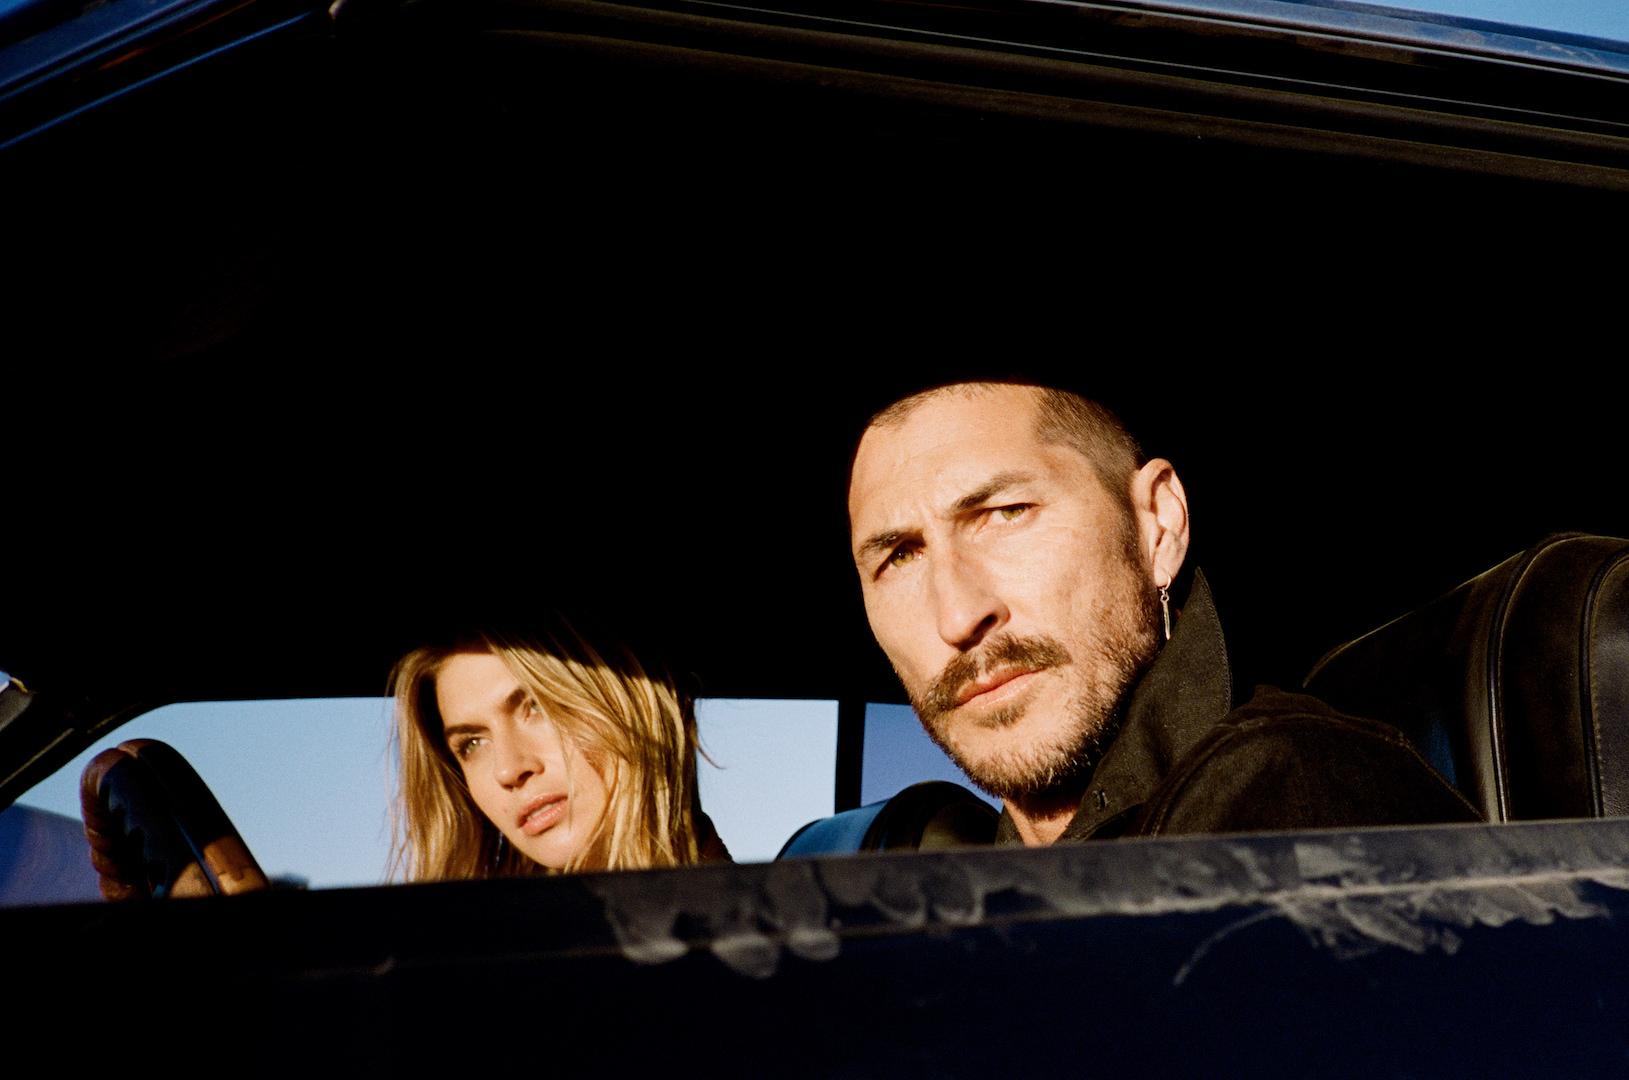 MIRAGE_BTS_FILM CONTAX T2 KODAK PORTRA 400_09.jpg